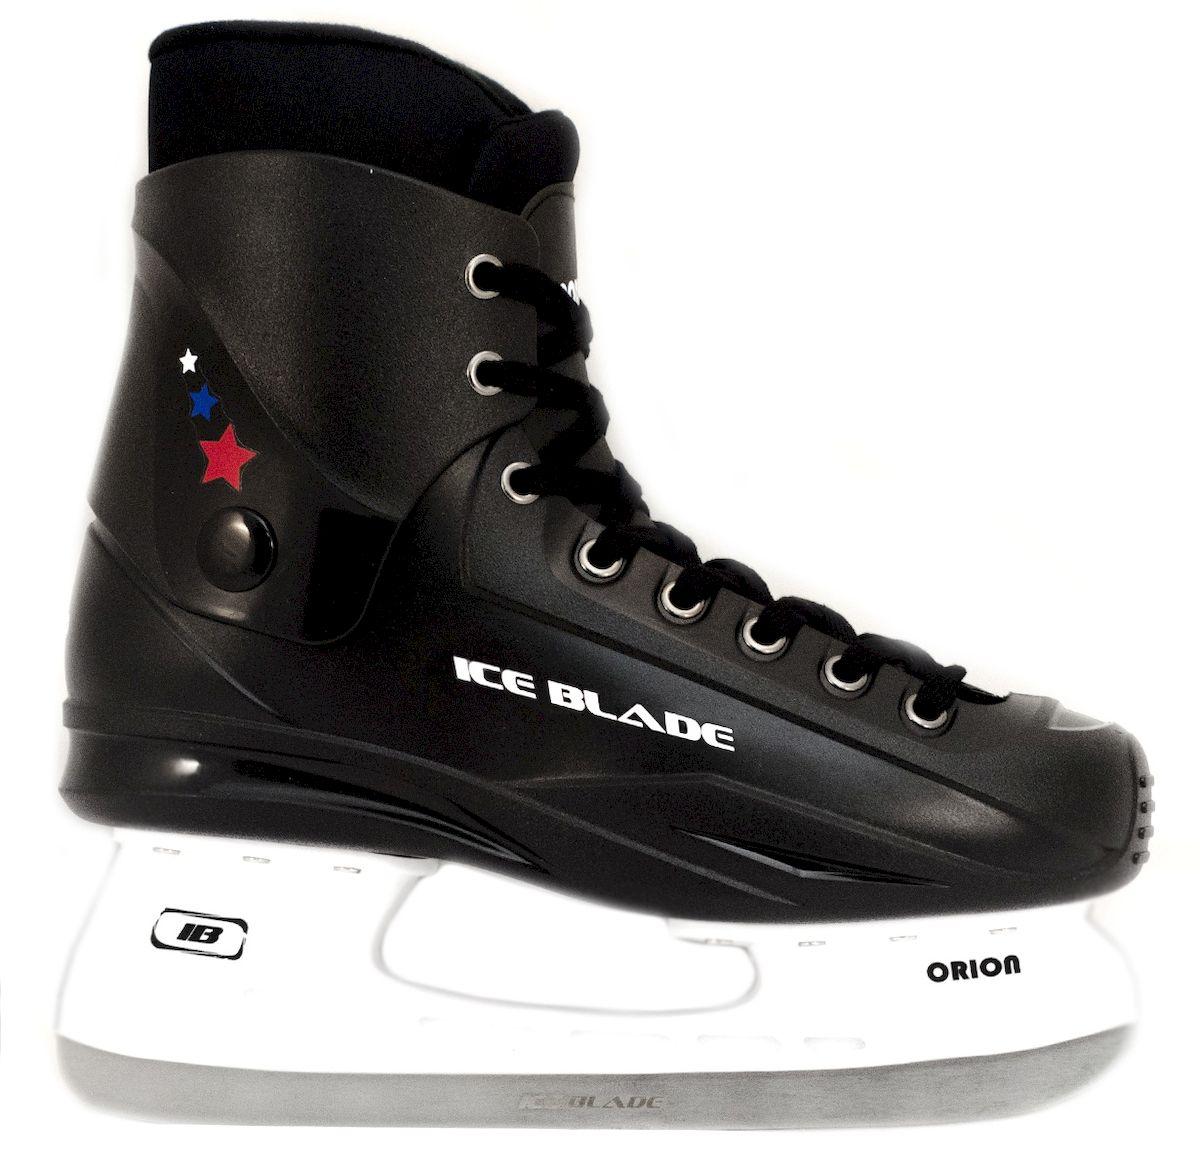 Коньки хоккейные Ice Blade Orion, цвет: черный. УТ-00004984. Размер 38